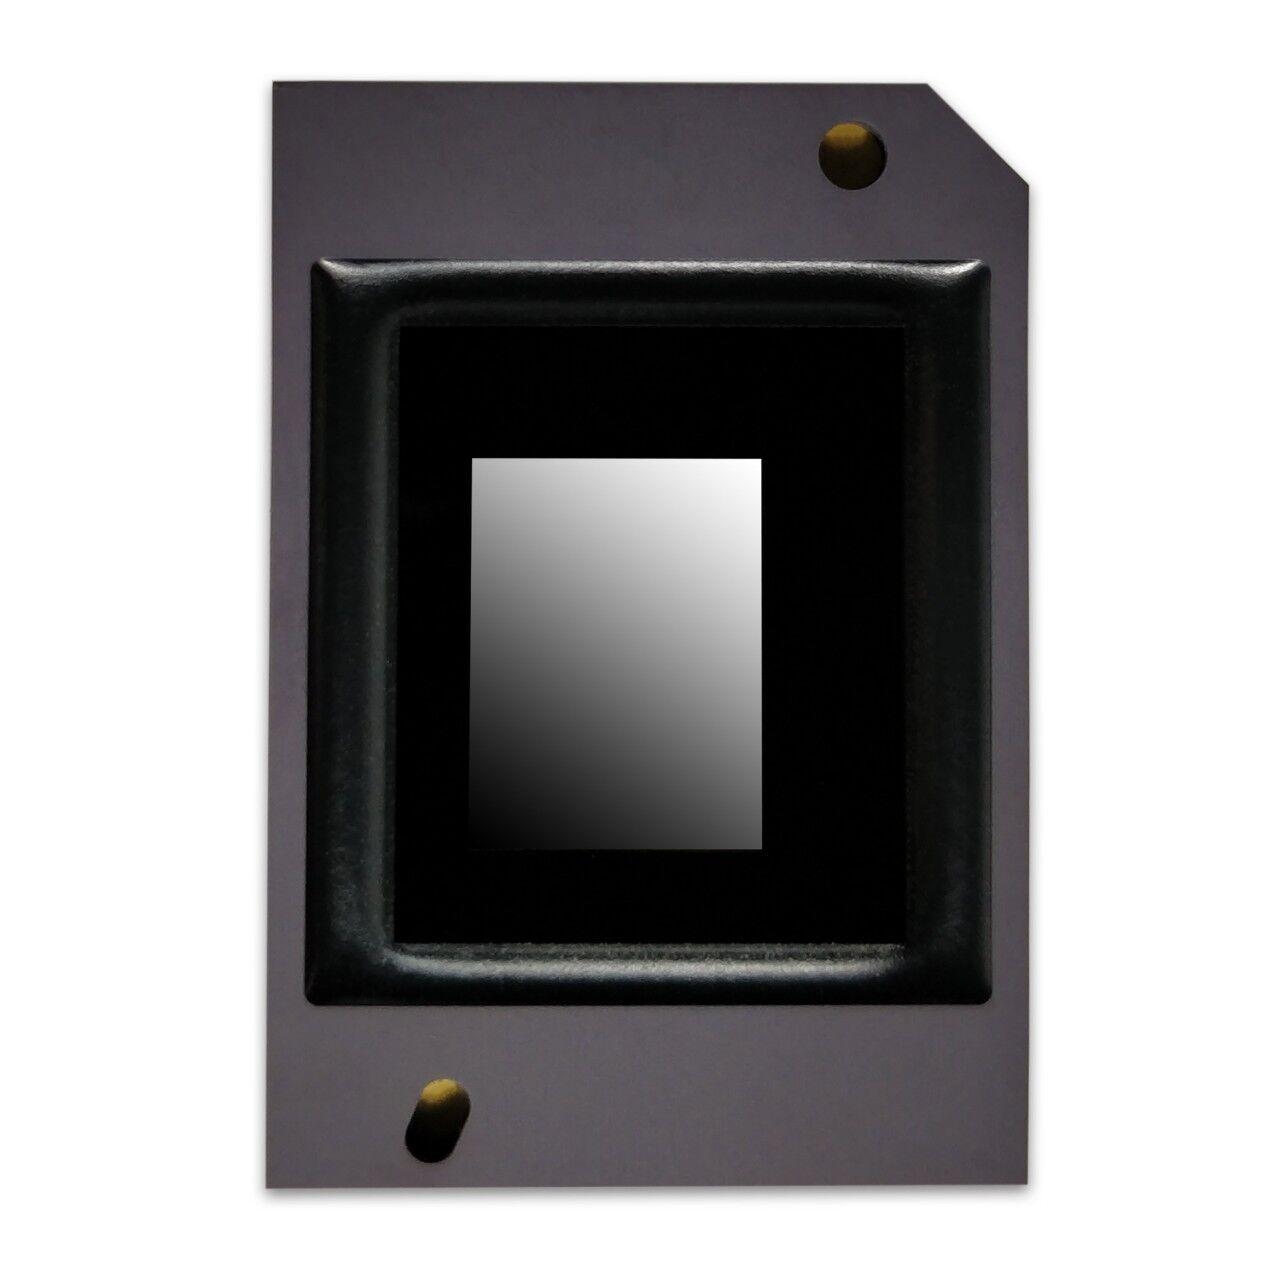 OEM DMD//DLP Chip for Nec NP-U260W Projector 30 Days WARRANTY Genuine